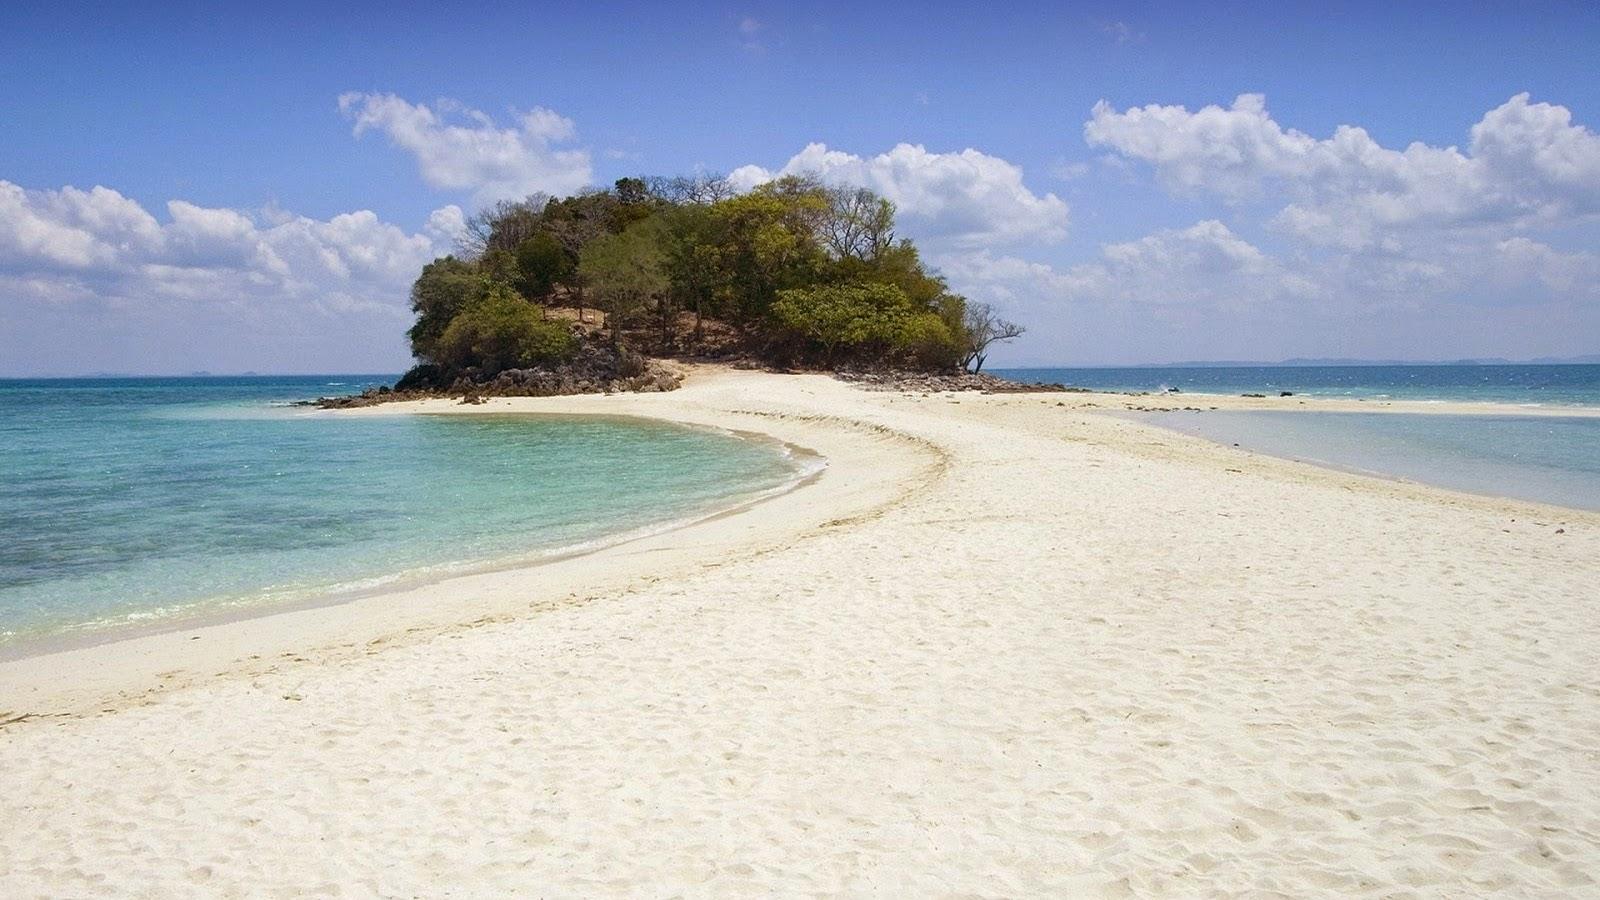 Zomer achtergrond met strand op eiland